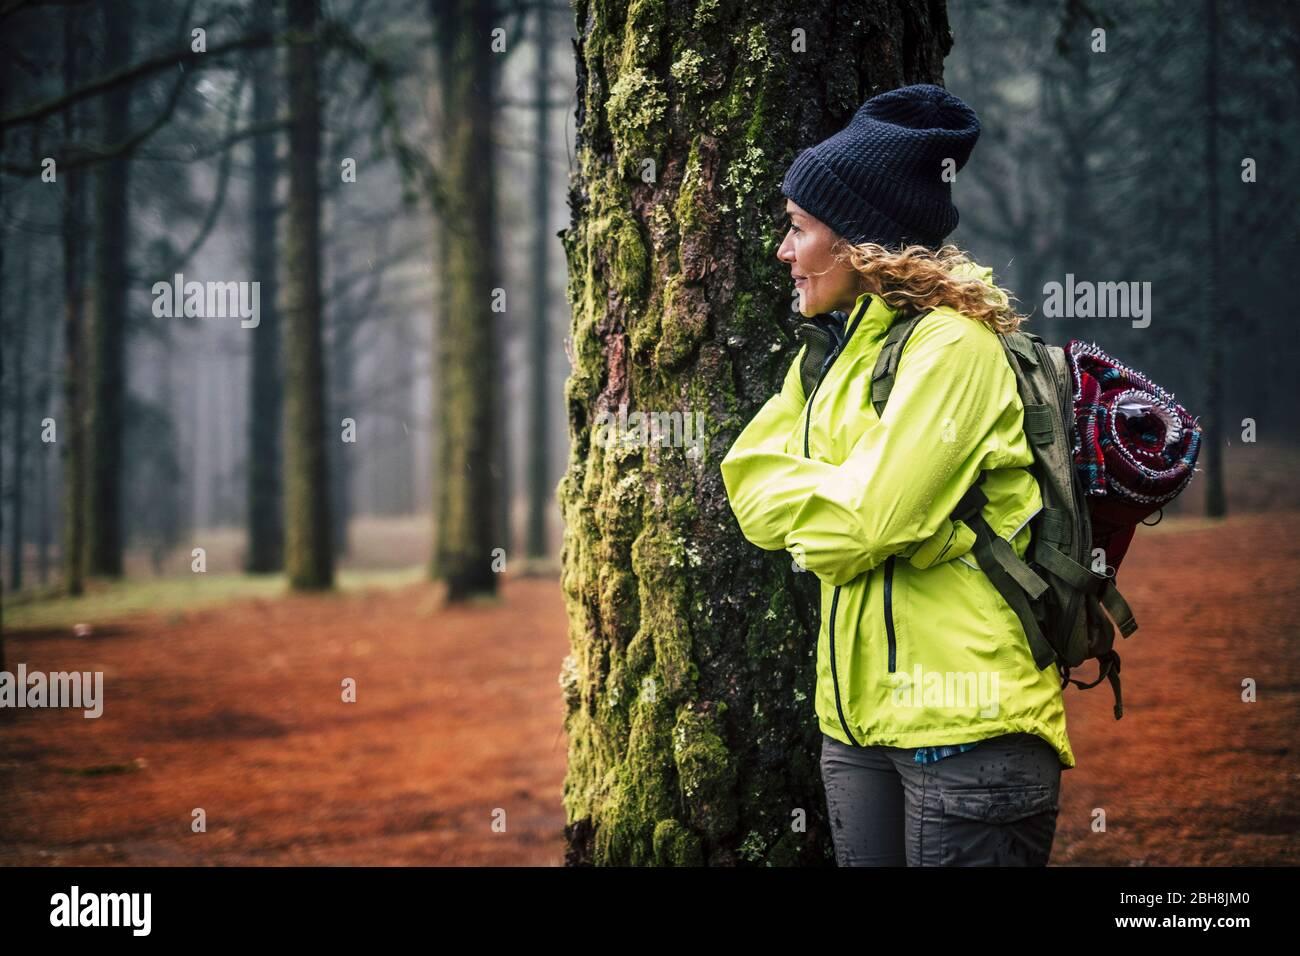 Mujer de edad media caucásica solitaria de pie en el bosque y mirar la hermosa madera a su alrededor - concepto de vacaciones de senderismo alternativo en el salvaje al aire libre - mochilero y la gente de viaje Foto de stock